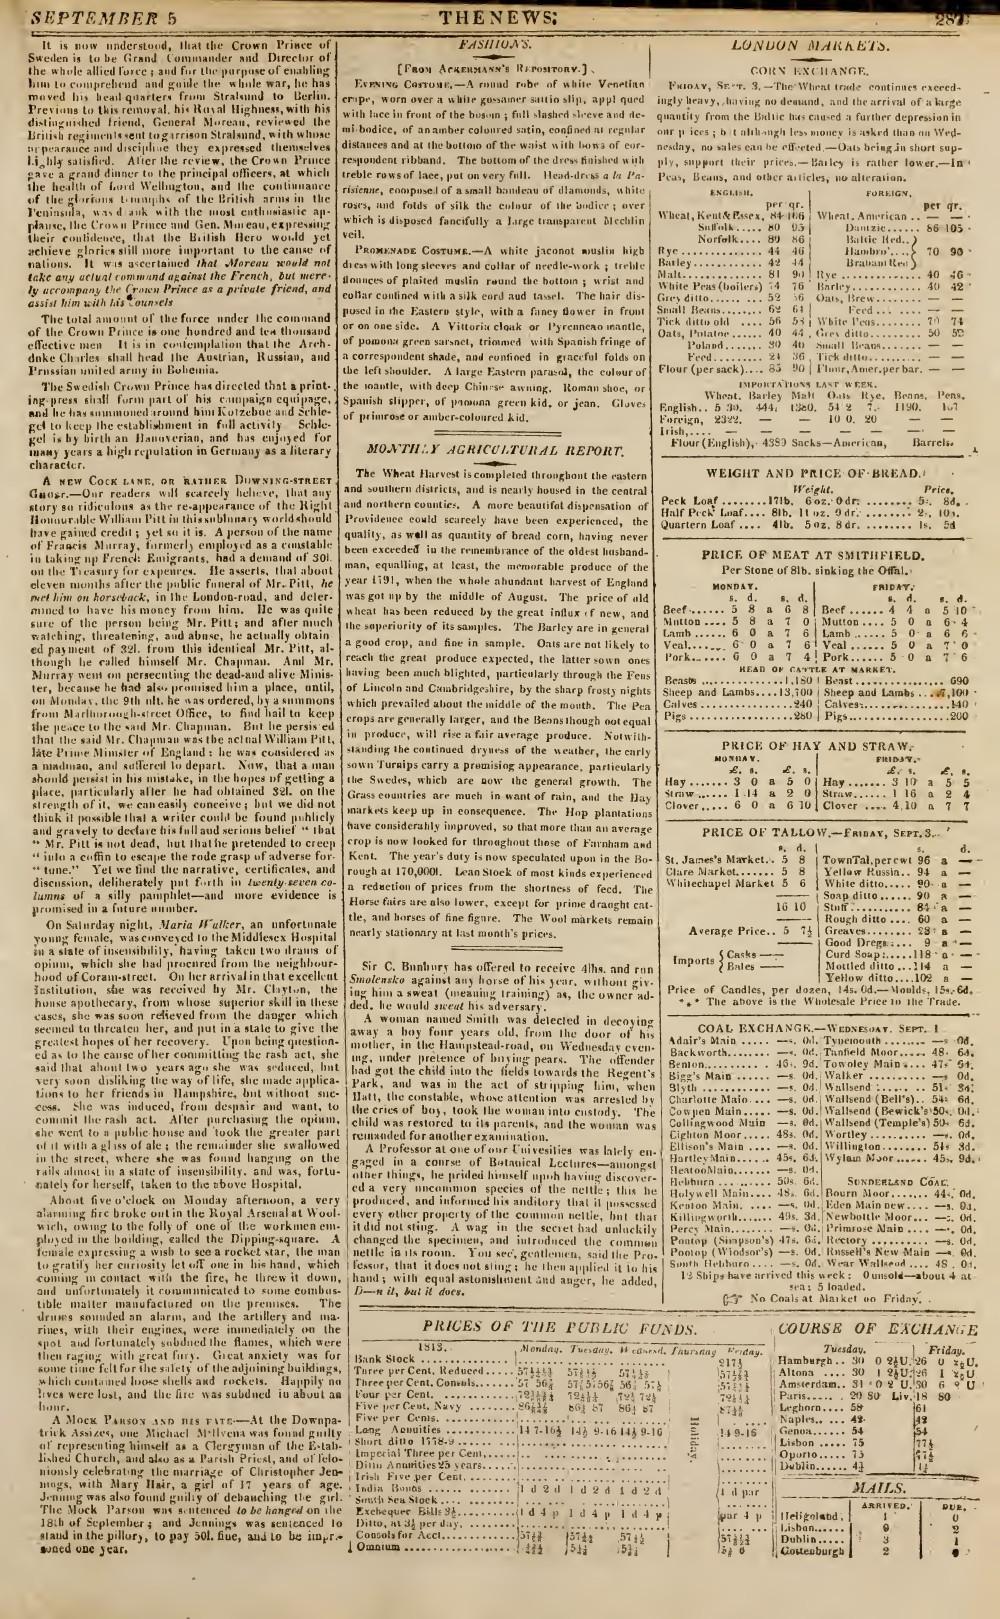 The News, 5 September 1813, No. 429